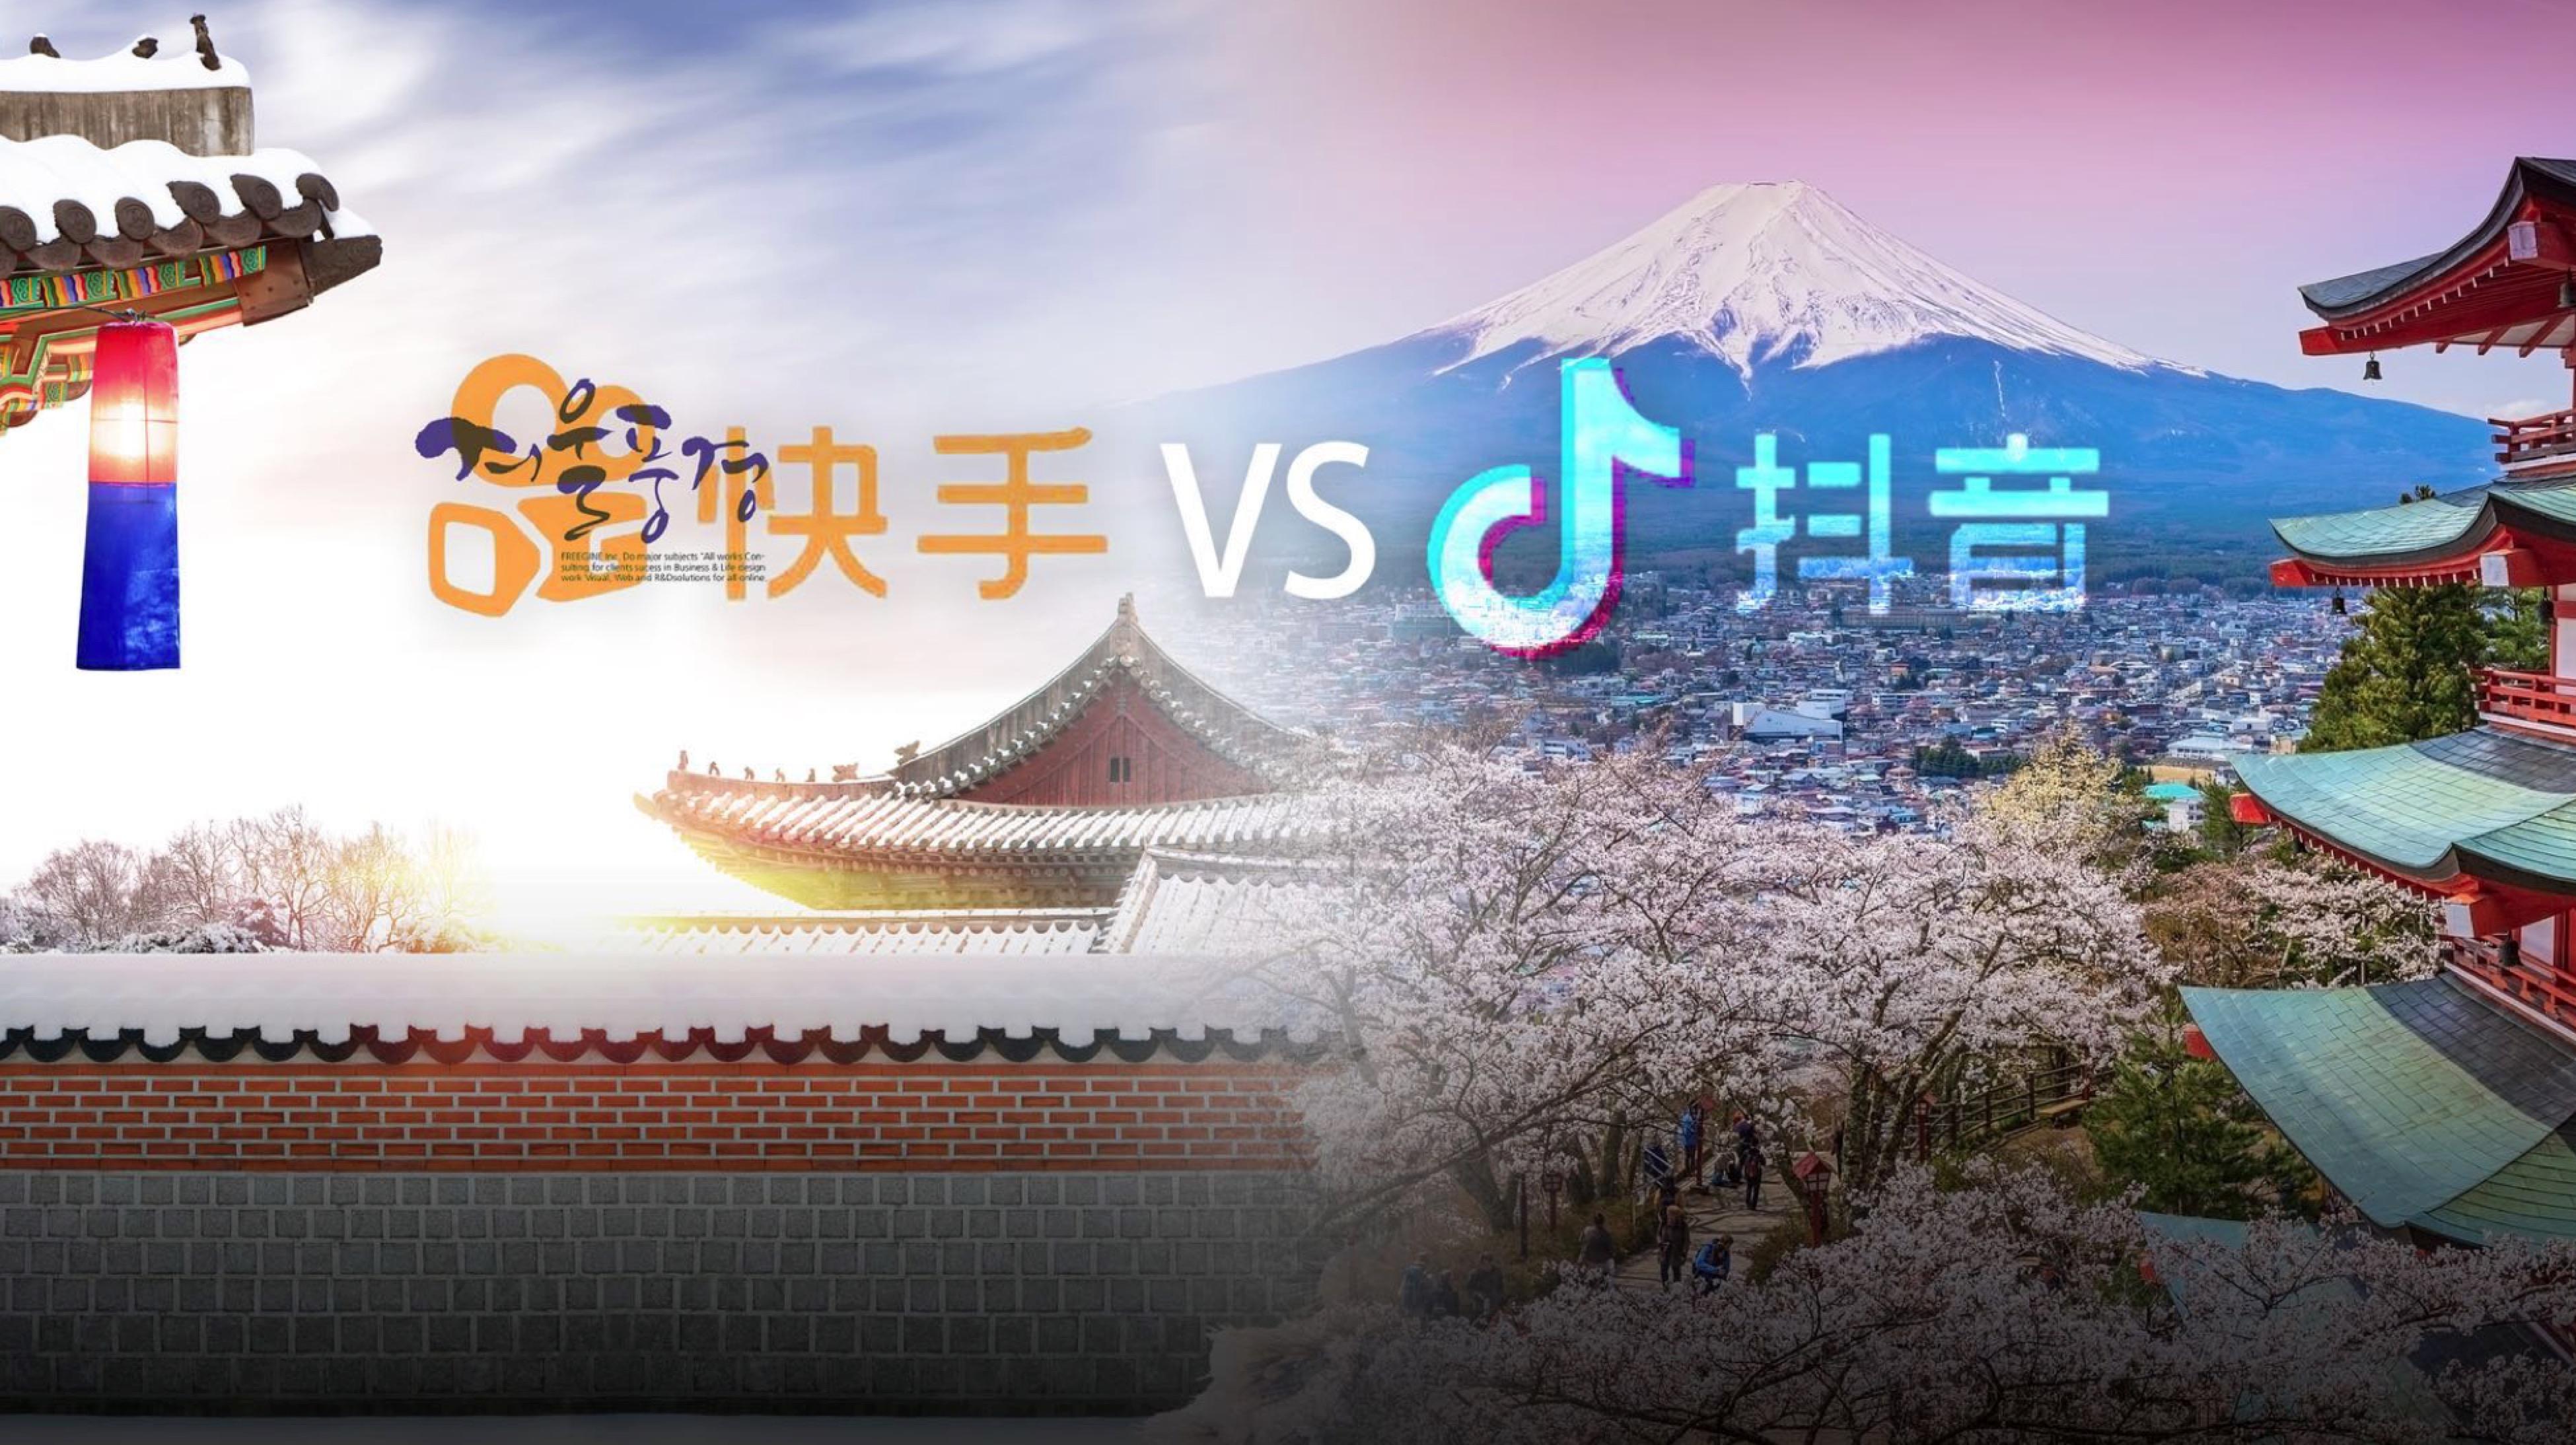 韩星玩快手、日妹迷抖音:在输出这件事上,互联网给我们上了一课